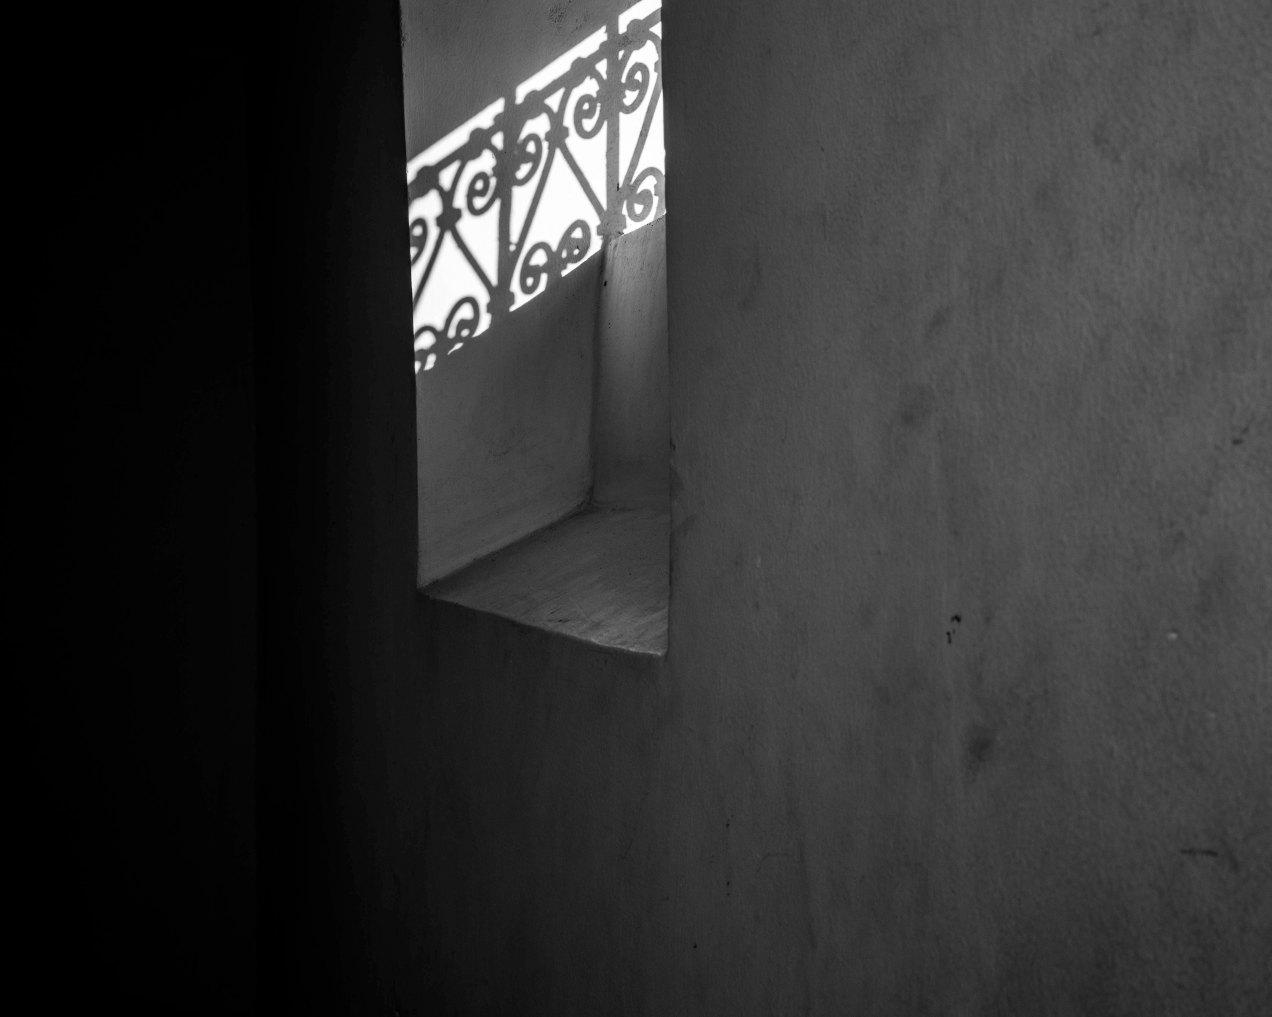 Ombre portée, le jardin des Biehn, gildalliere, Fès, Maroc, 2020